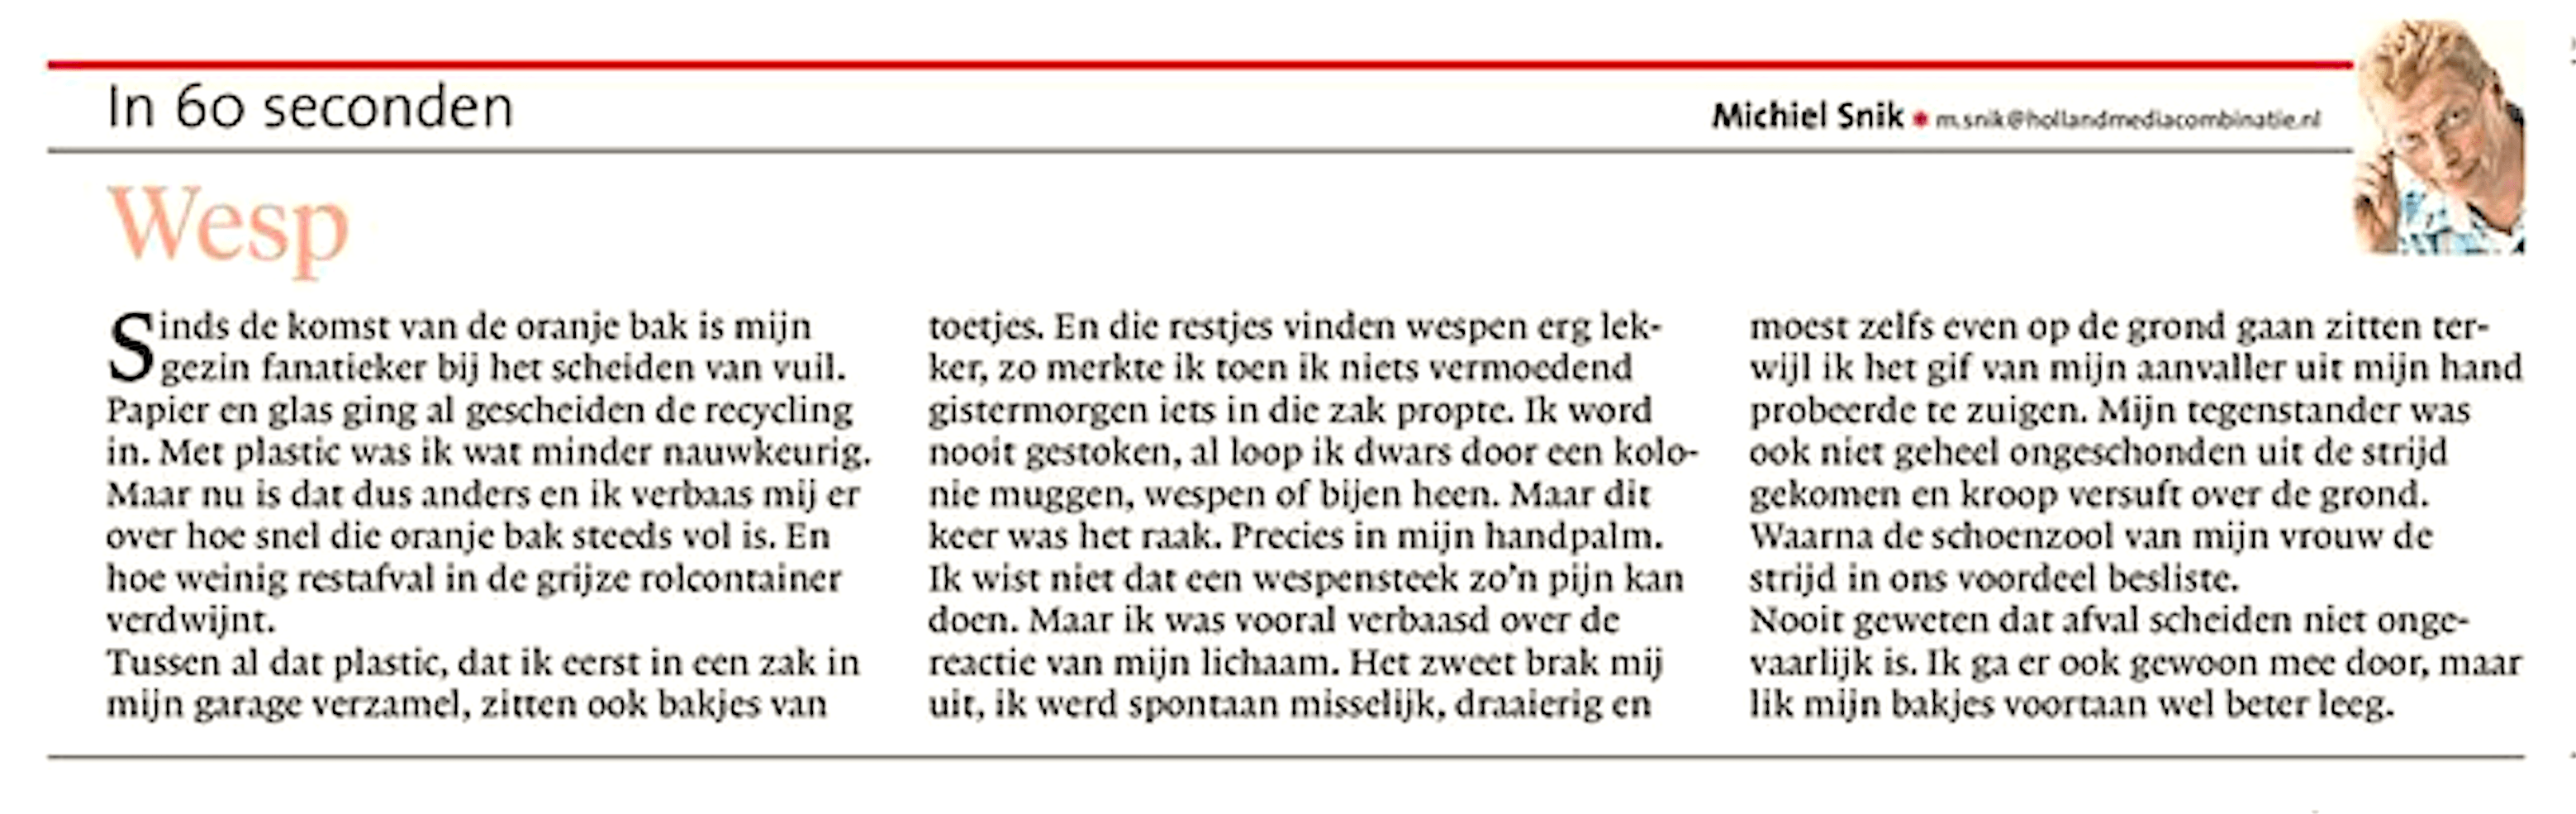 Helderse Courant, 17 mei 2018